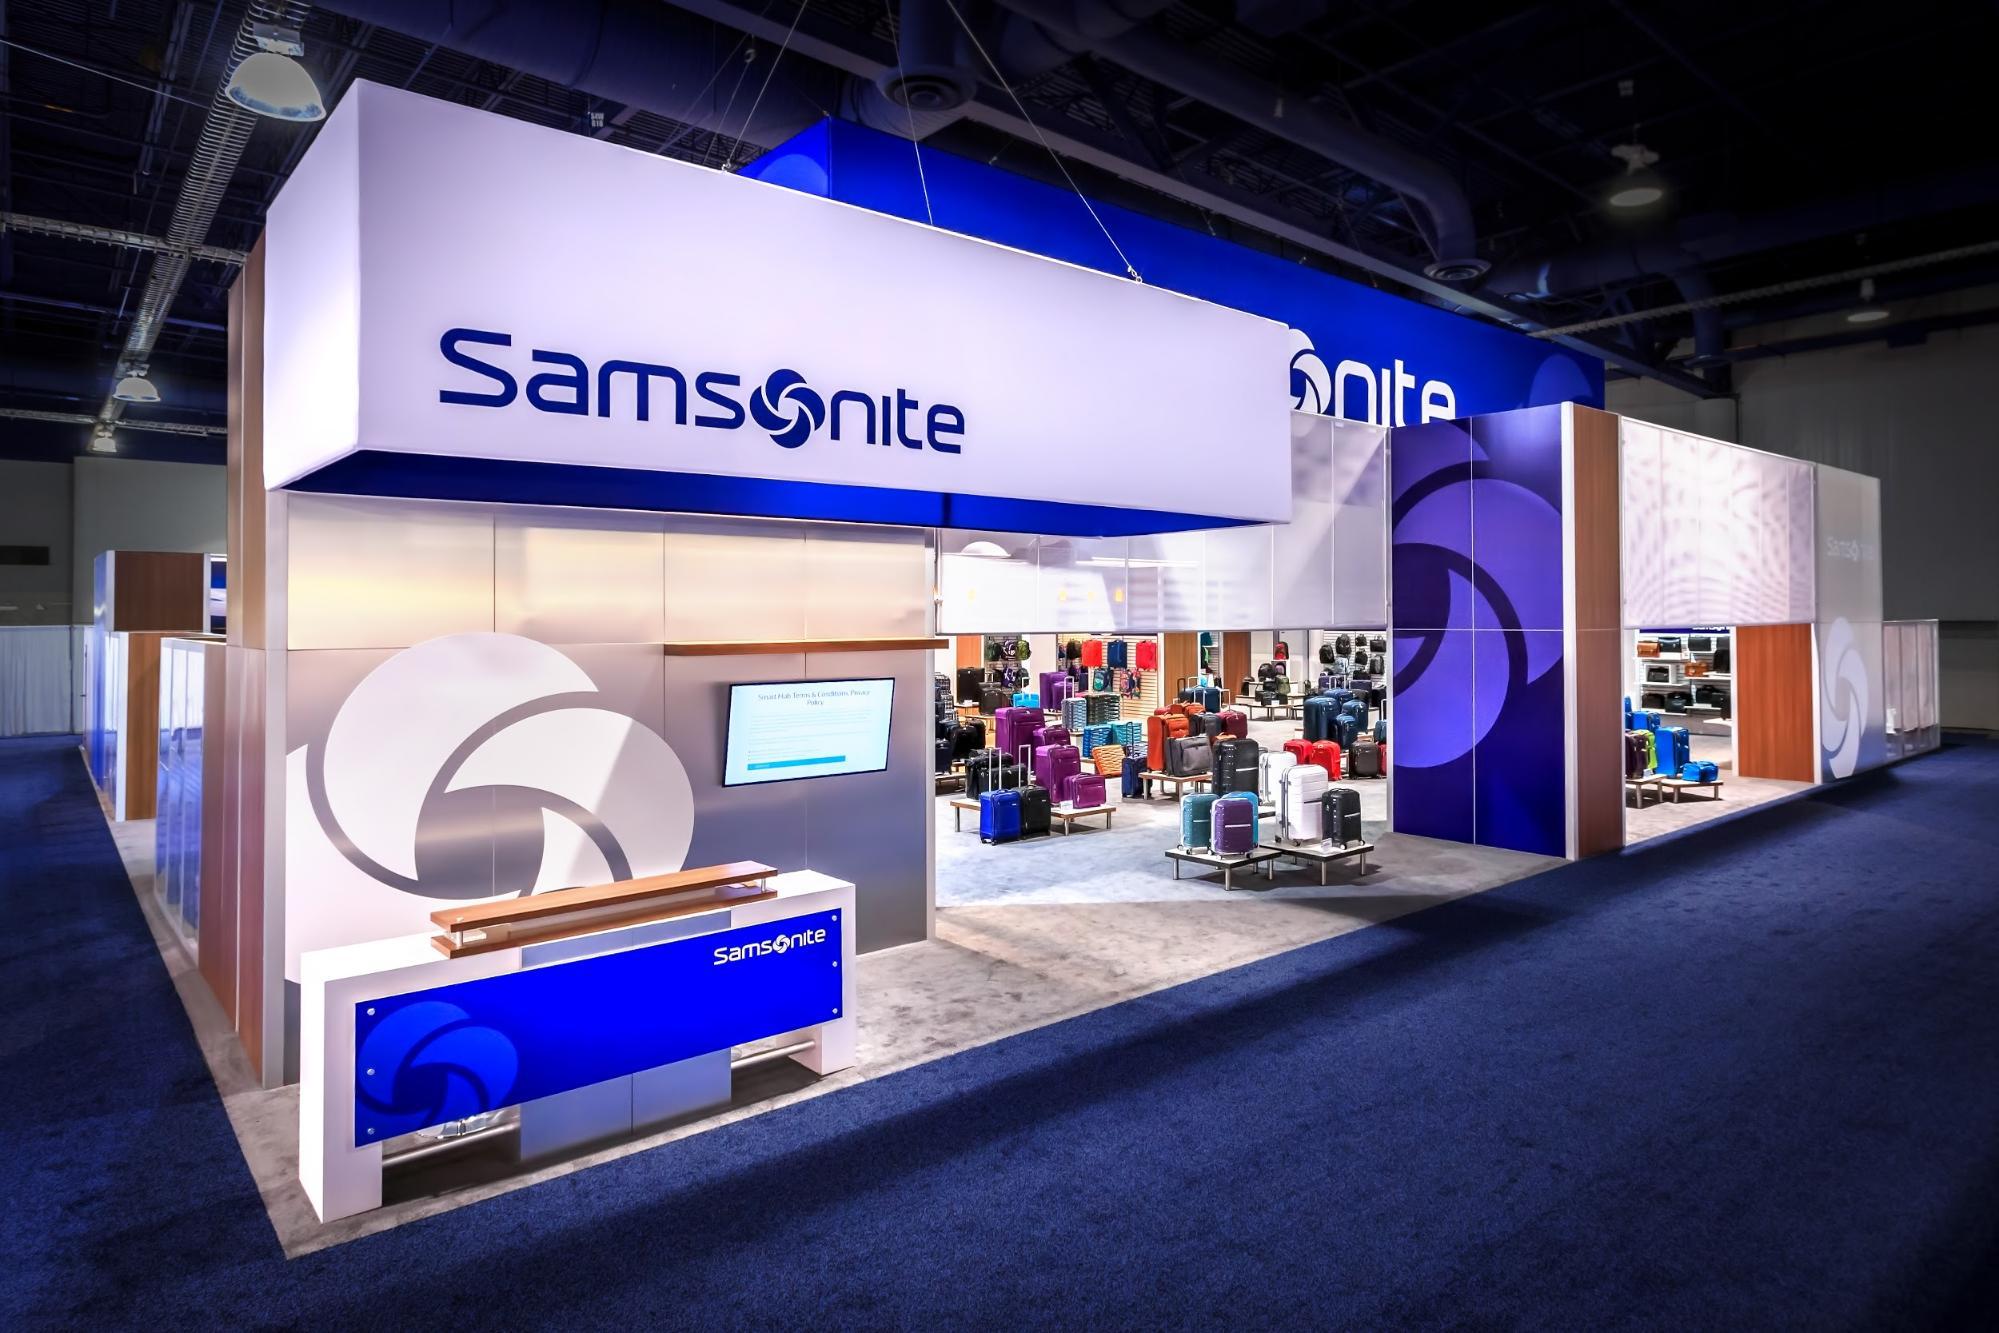 Samsonite's Branded Environment